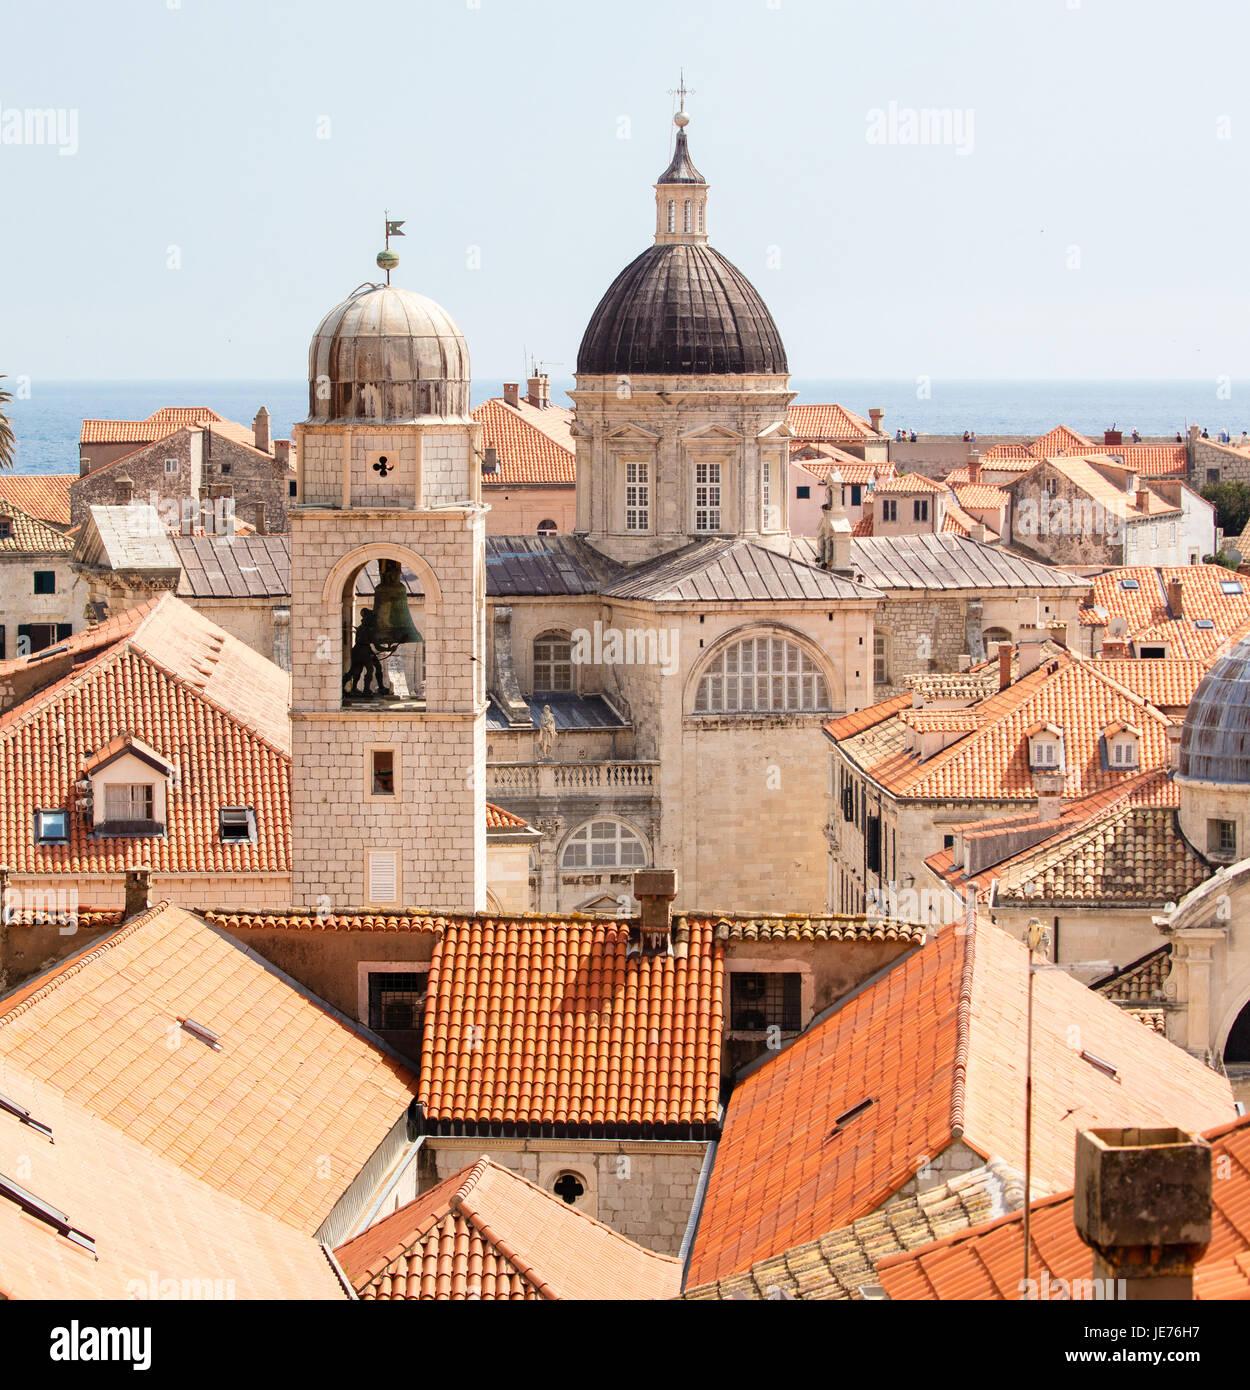 Clocher de la cathédrale et des remparts de la ville médiévale de Dubrovnik, sur la côte dalmate de la Croatie Banque D'Images